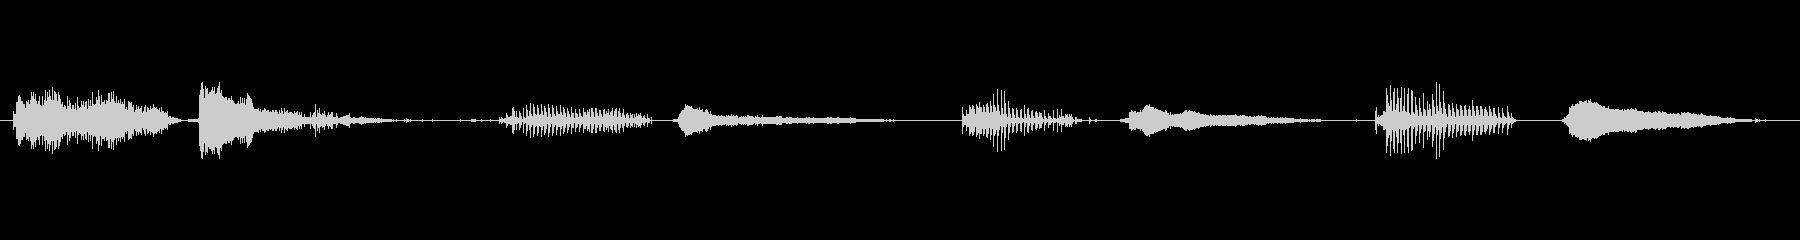 ゴブリン 睡眠いびき02の未再生の波形